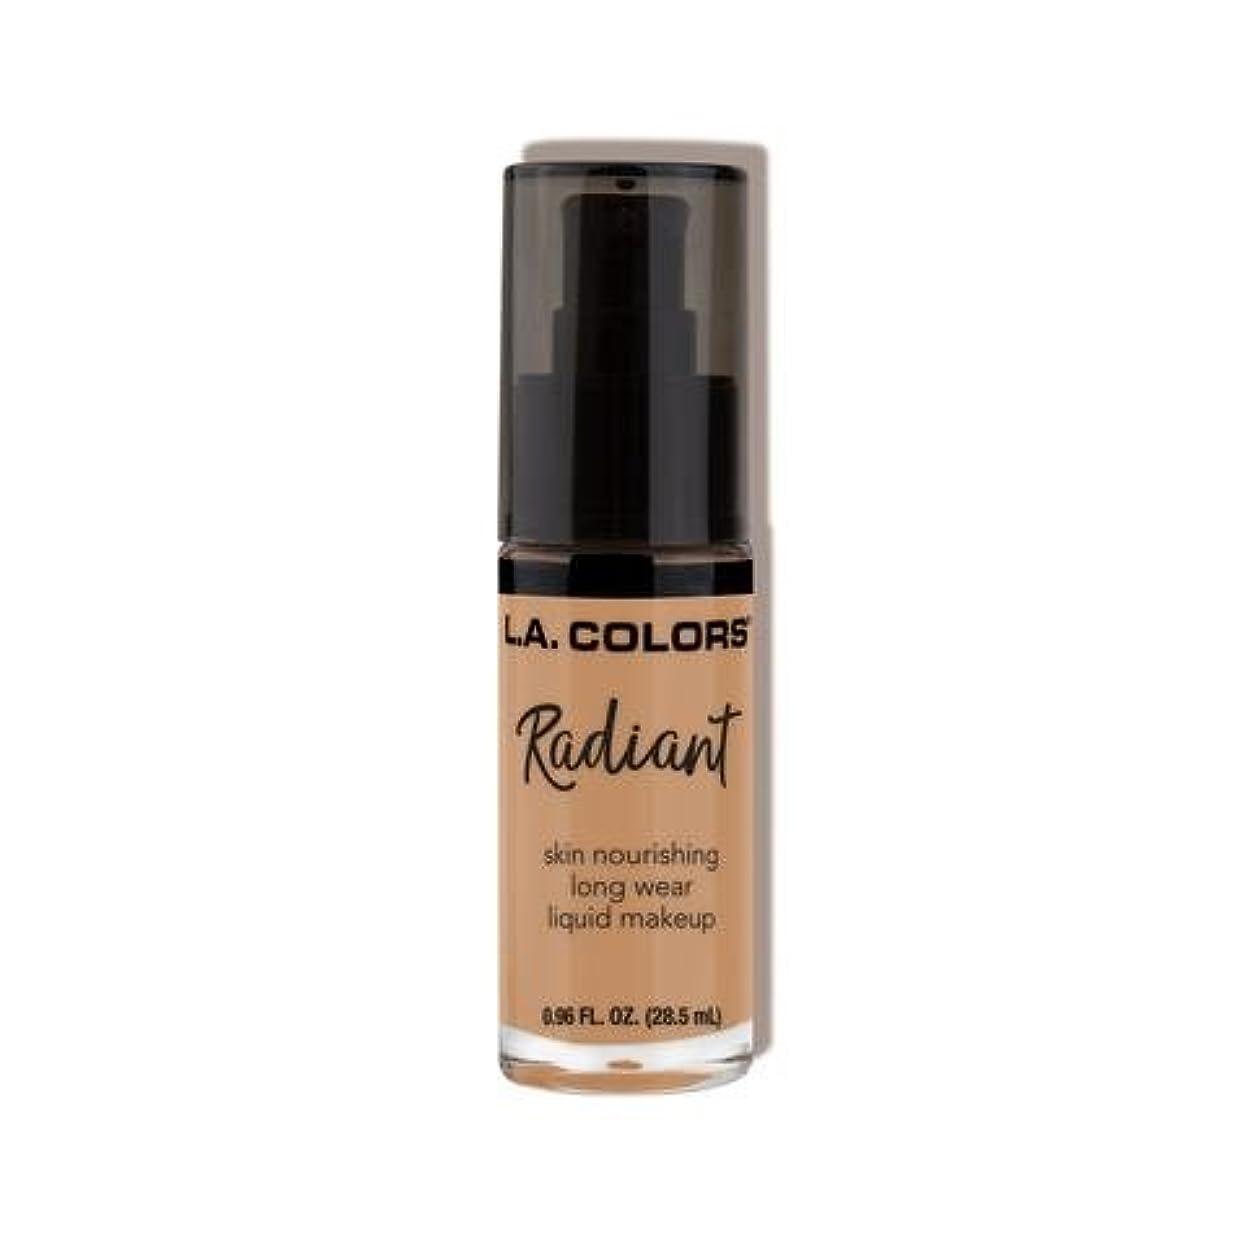 接ぎ木数学特異性(3 Pack) L.A. COLORS Radiant Liquid Makeup - Suede (並行輸入品)